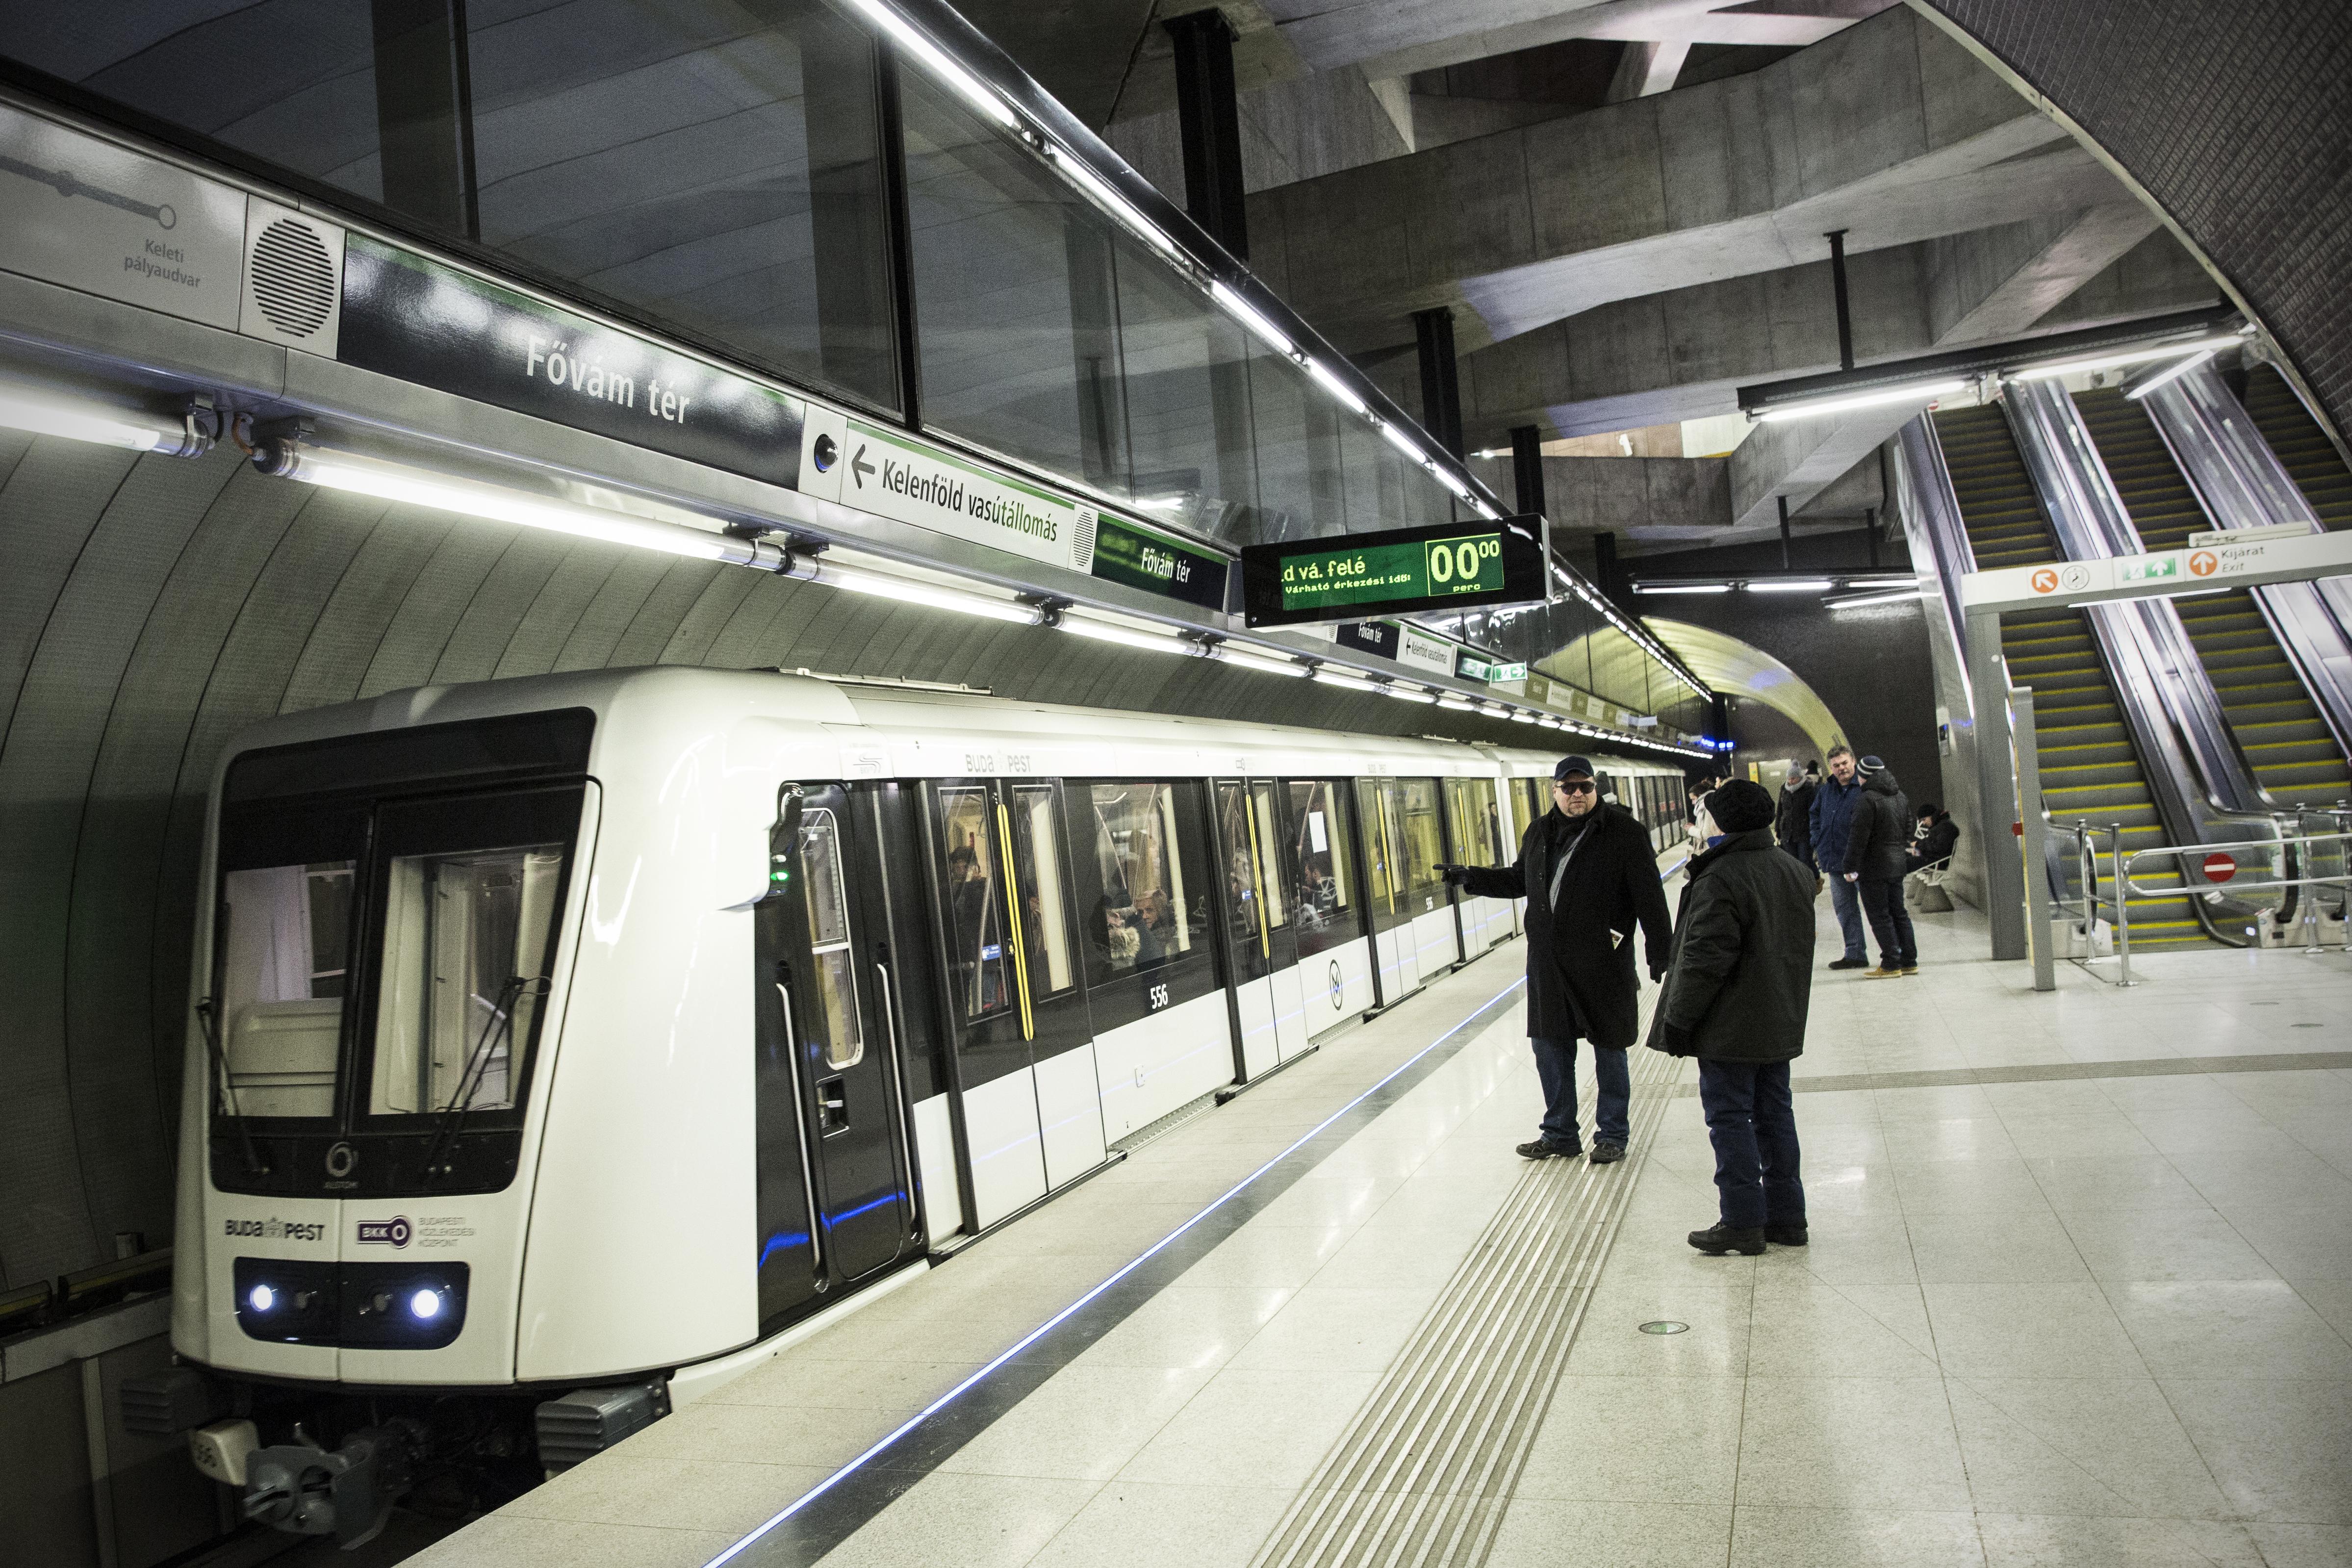 Magyar Narancs: A Fidesz is sáros lehet a 4-es metró ügyében